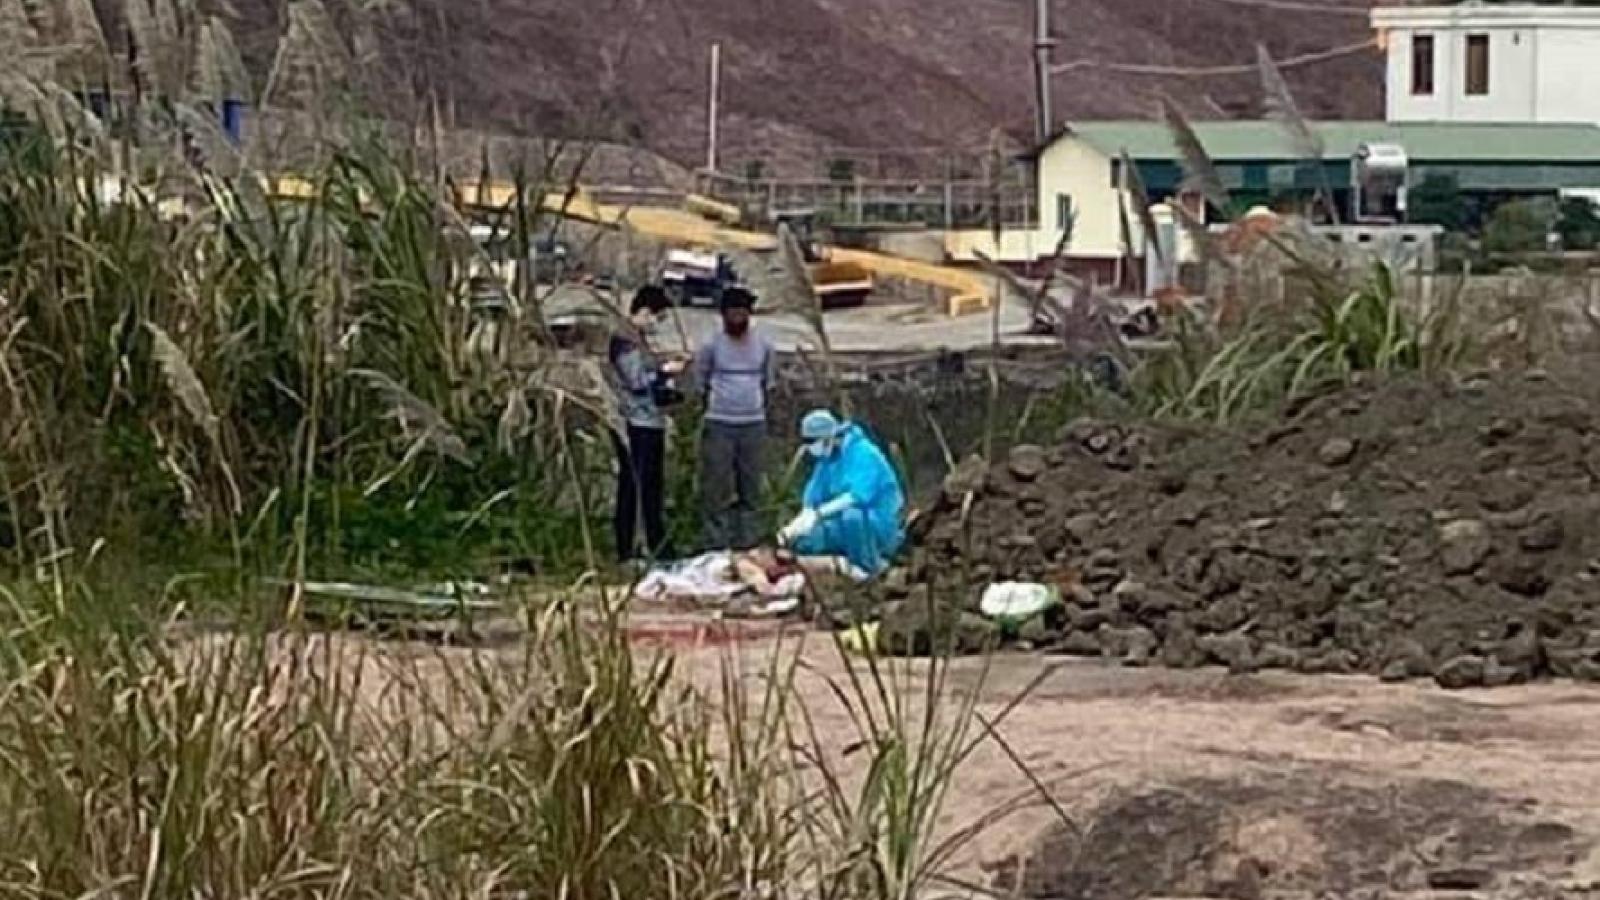 Phát hiện thi thể nam giới gần nhà máy nhiệt điện tạiQuảng Ninh